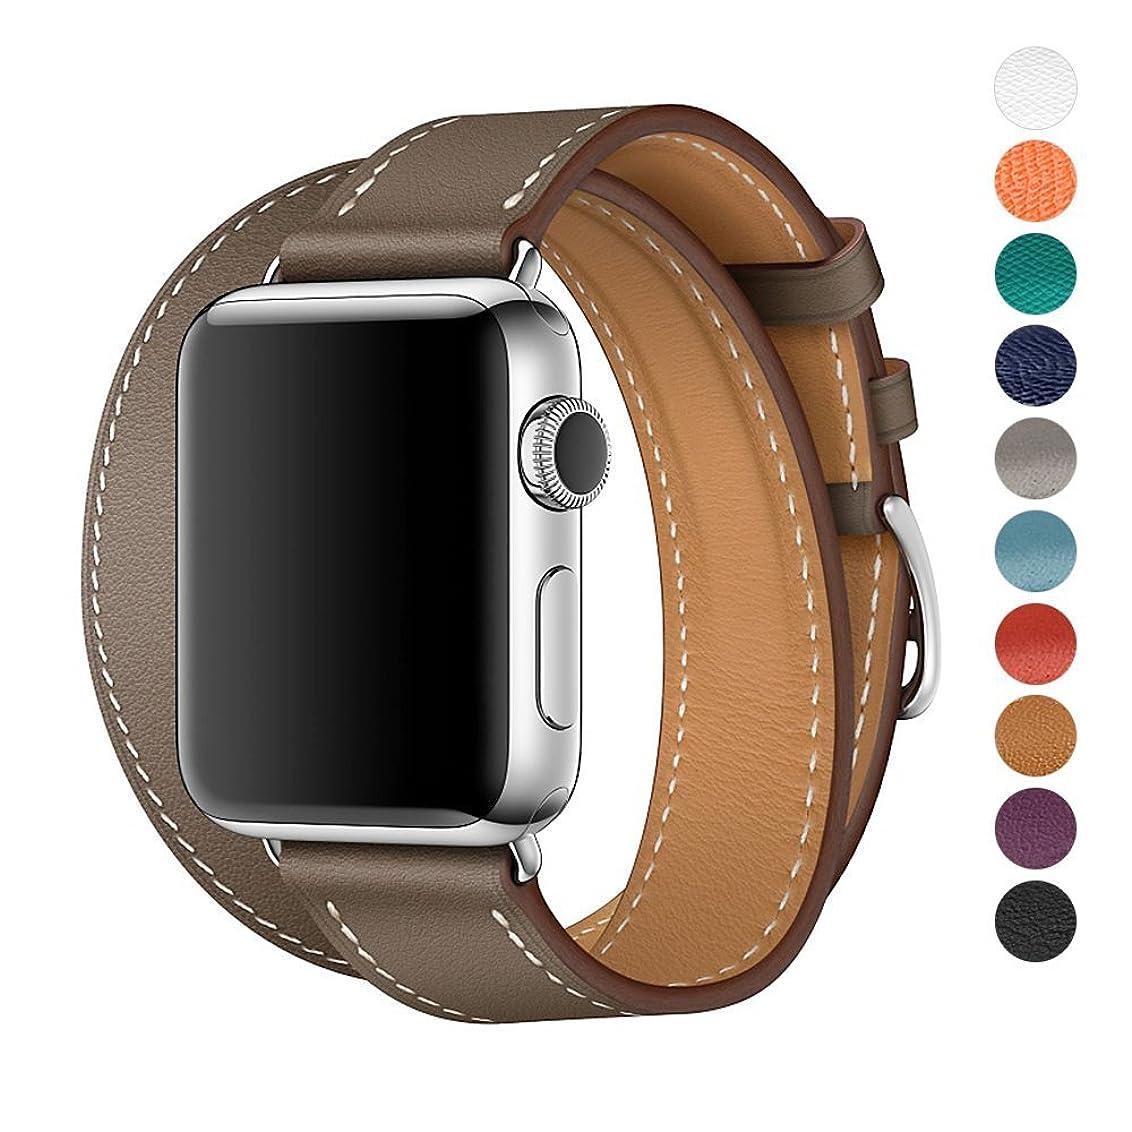 apple watch バンド 本革 ビジネススタイル アップルの時計バンドの38 mmの42 mmのエルメス本物の革の交換バンドアップルウォッチシリーズの3シリーズ2シリーズ1ナイキエルメスの版のための古典的な金属アダプタクラスプダブルツアー (38mm, Gray)